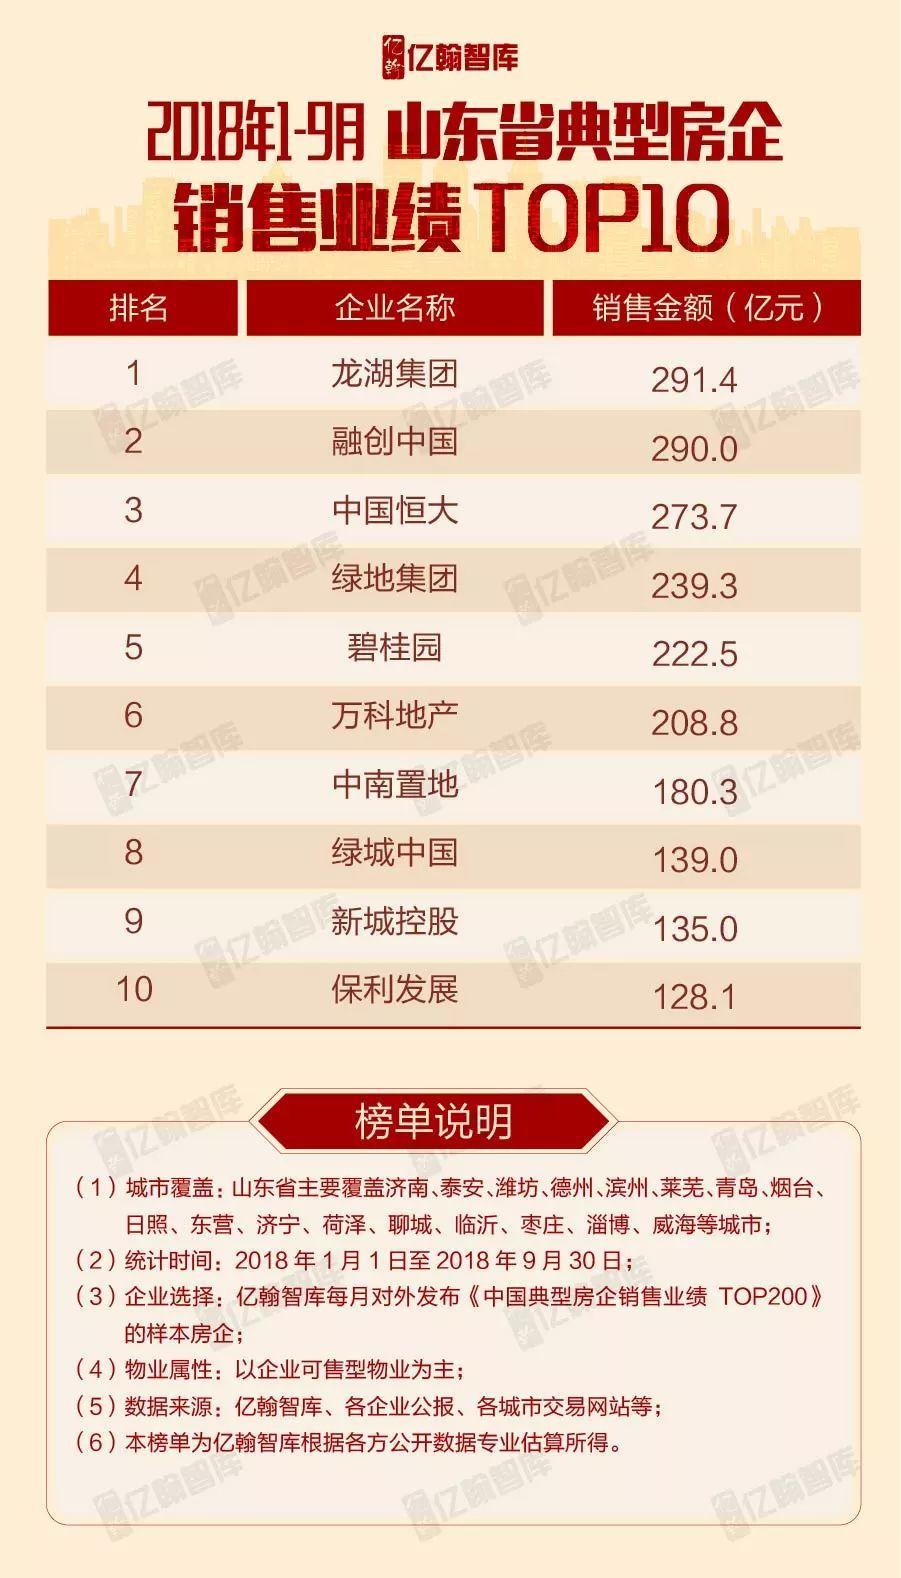 重磅_|_2018年1-9月全国各区域典型房企销售业绩TOP10【第10期】